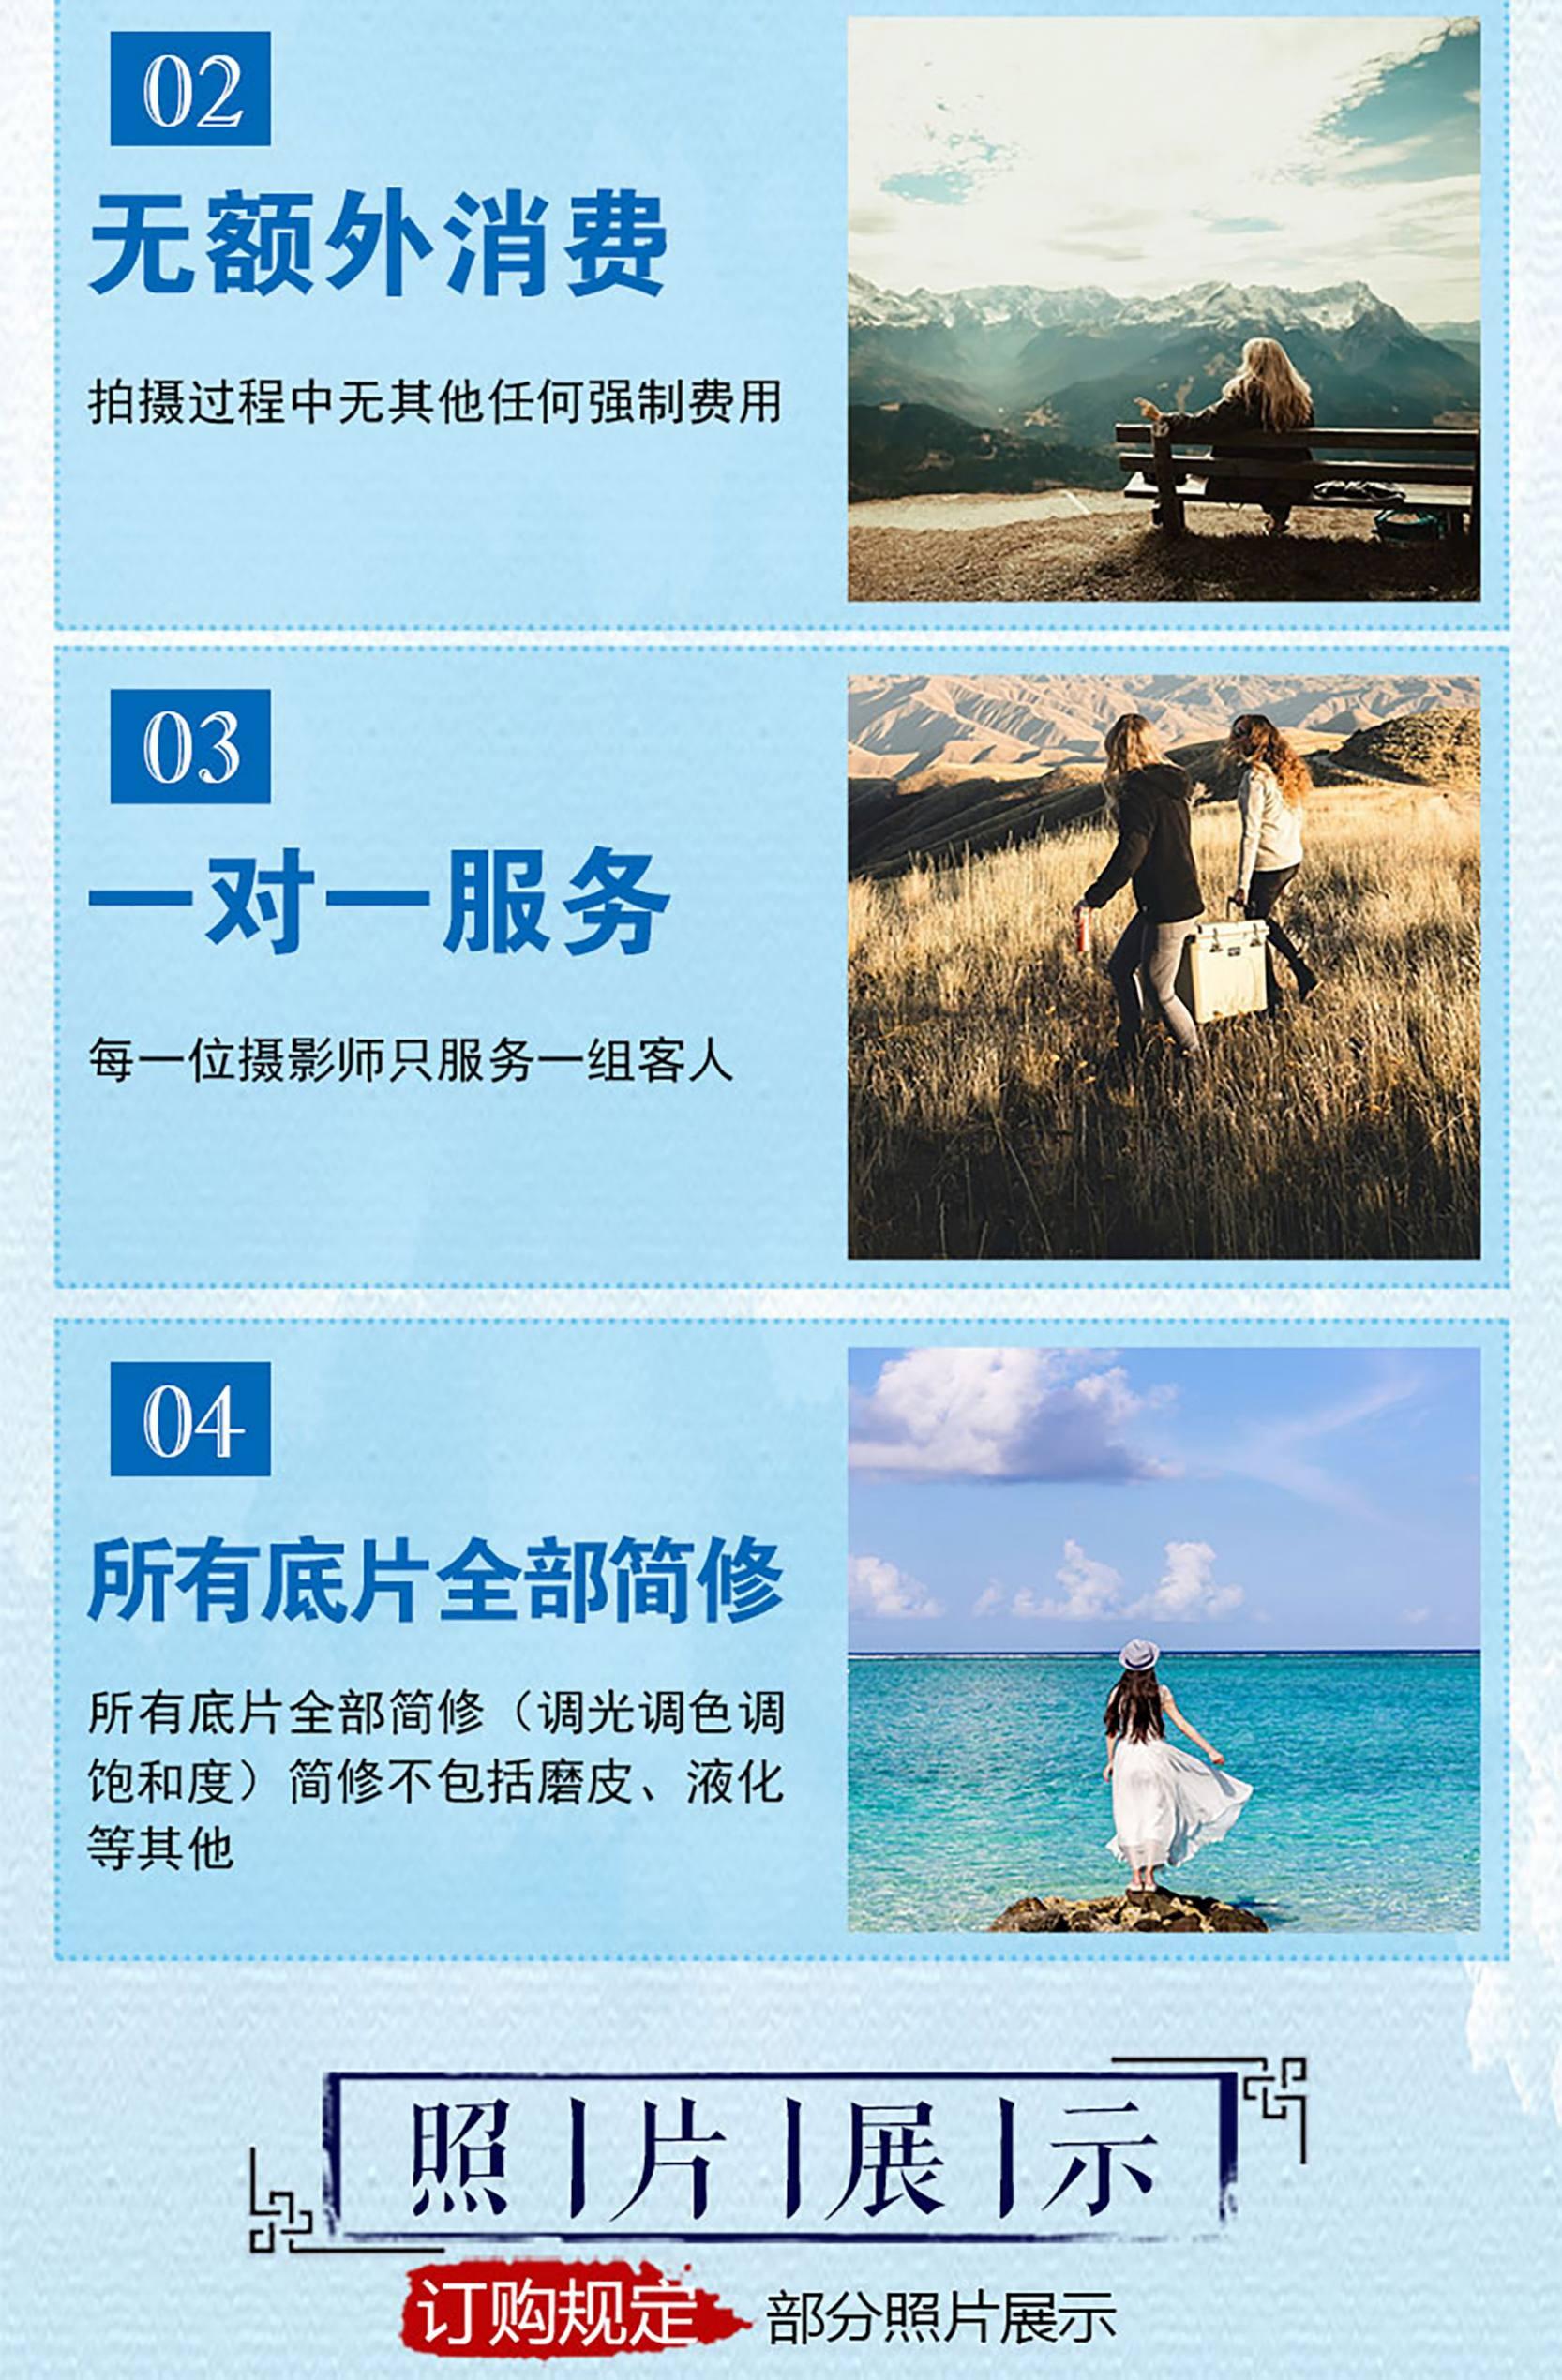 灵感智旅旅拍详情页790_03